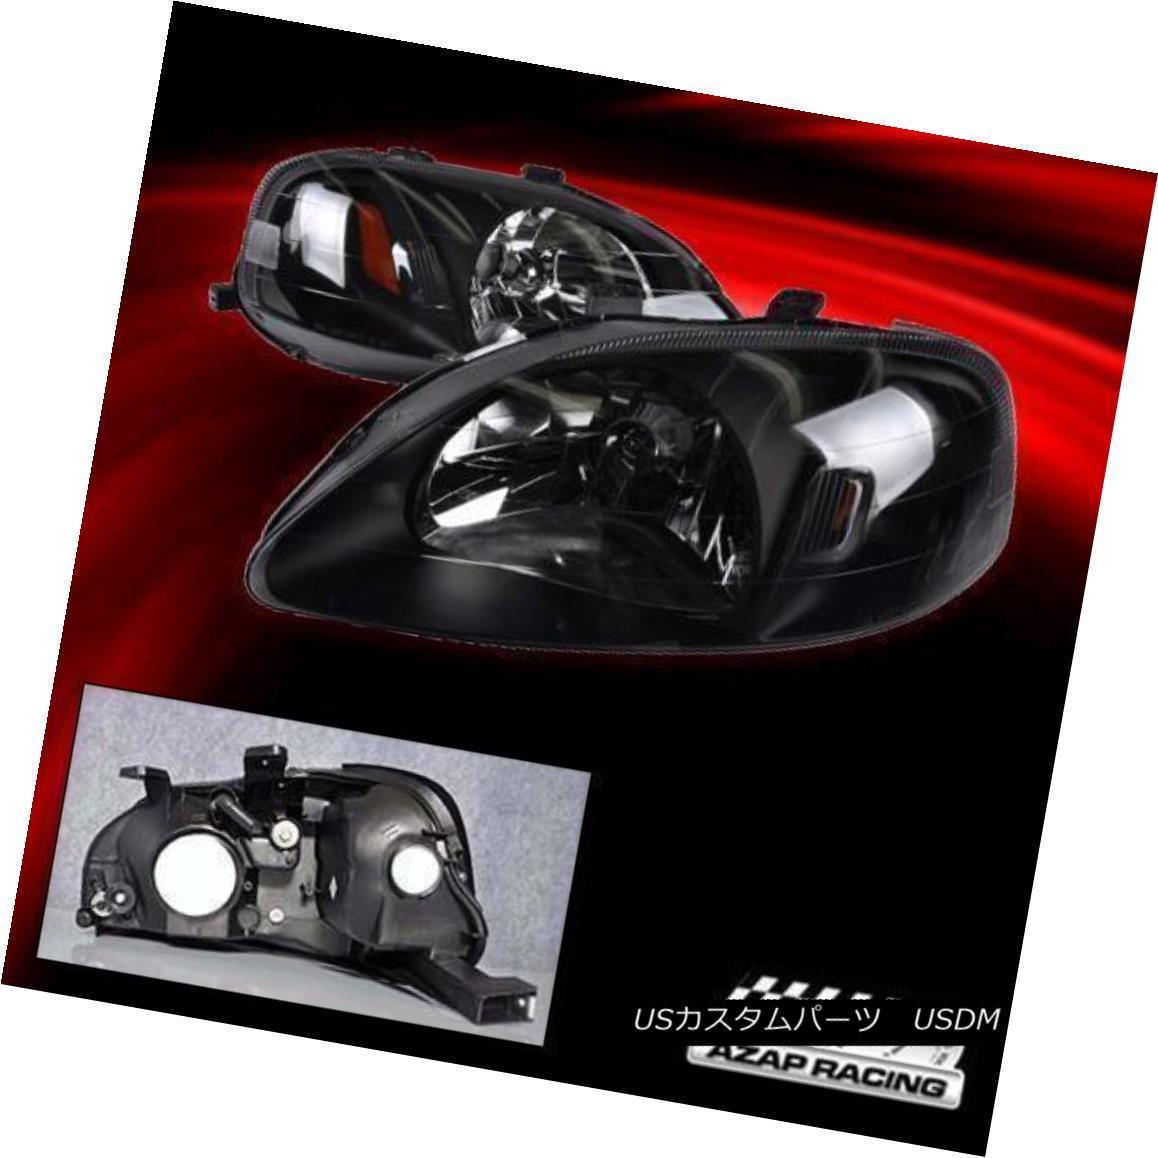 エアロパーツ 99-00 Black Housing Headlights Lamps W/Amber Corner Reflector Fits Honda Civic 99-00 Black HousingヘッドライトランプHonda Civicに適合するW / Amber Corner Reflector